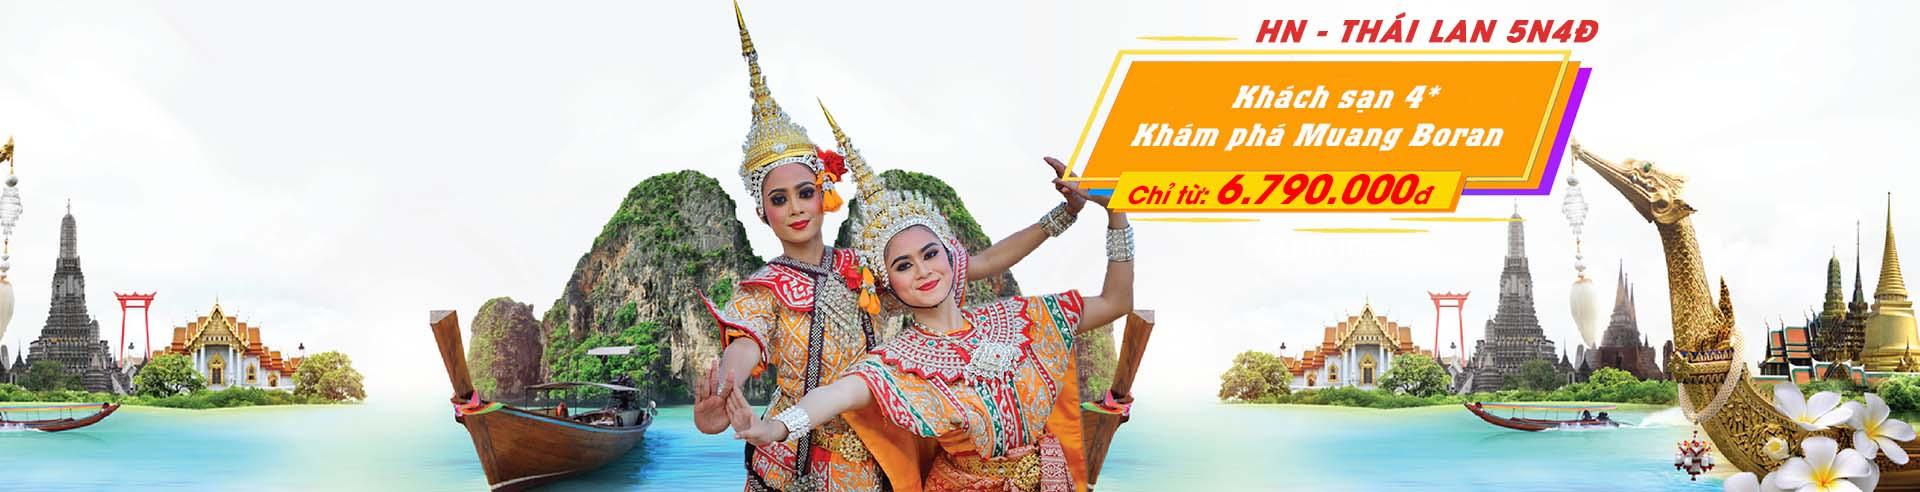 HN-Thái Lan